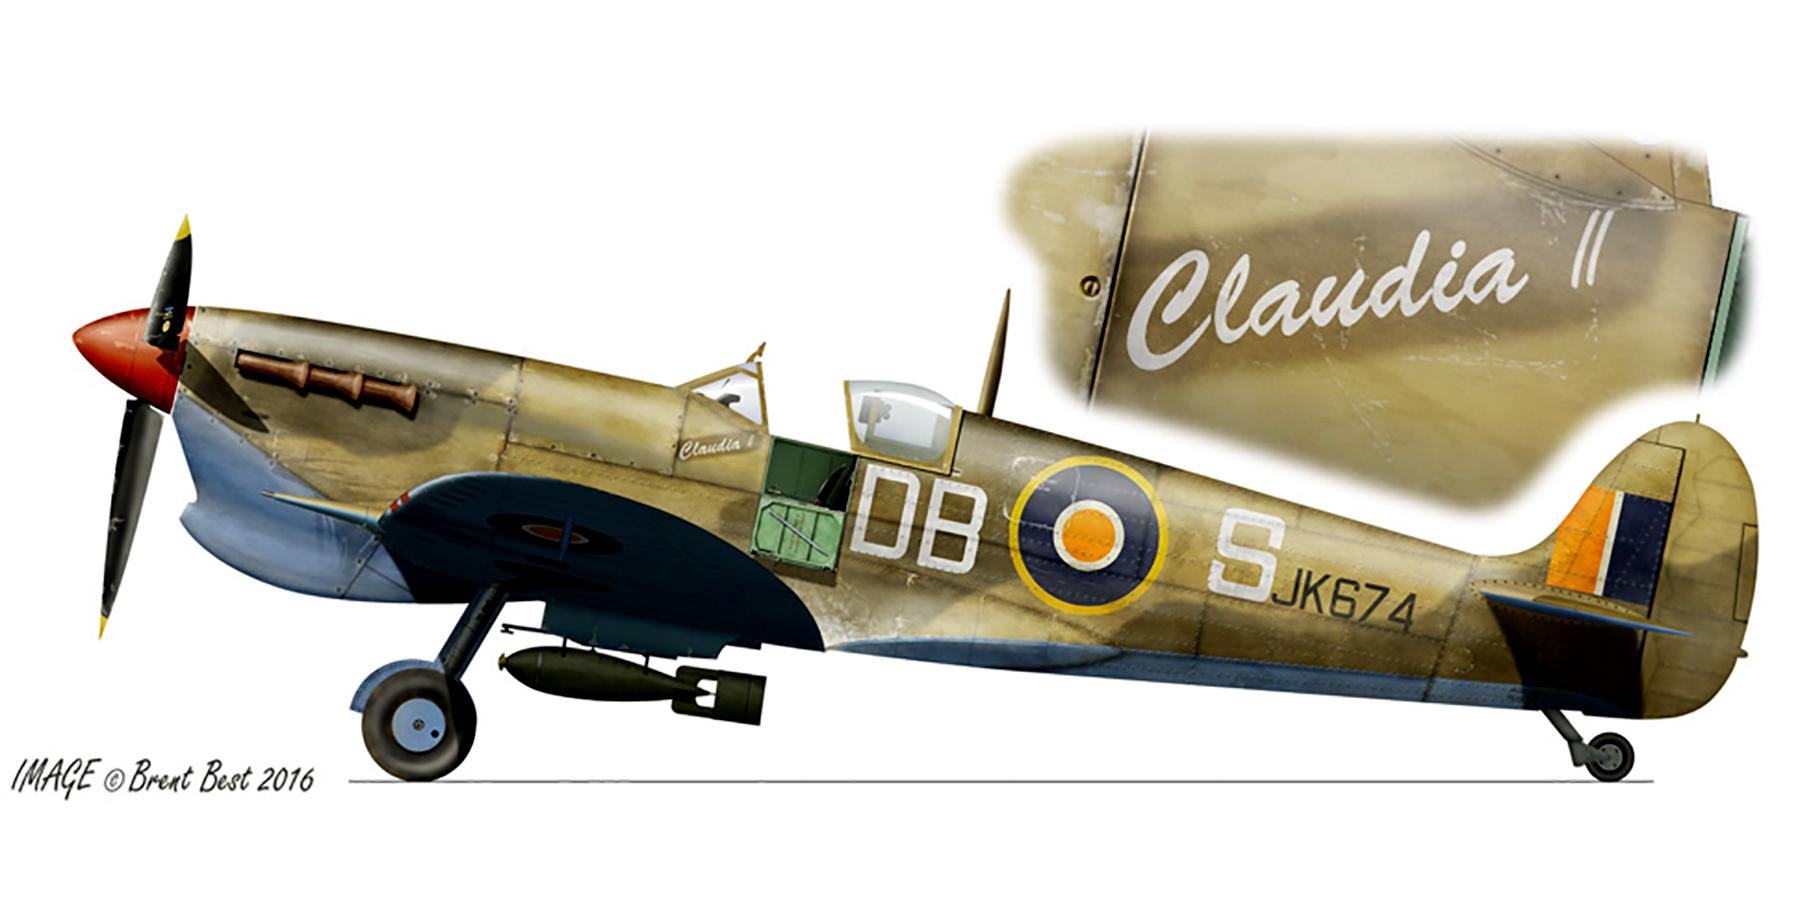 Spitfire MkVcTrop SAAF 2Sqn DBS Lt Barnett JK674 Palata Italy Oct 1943 0A